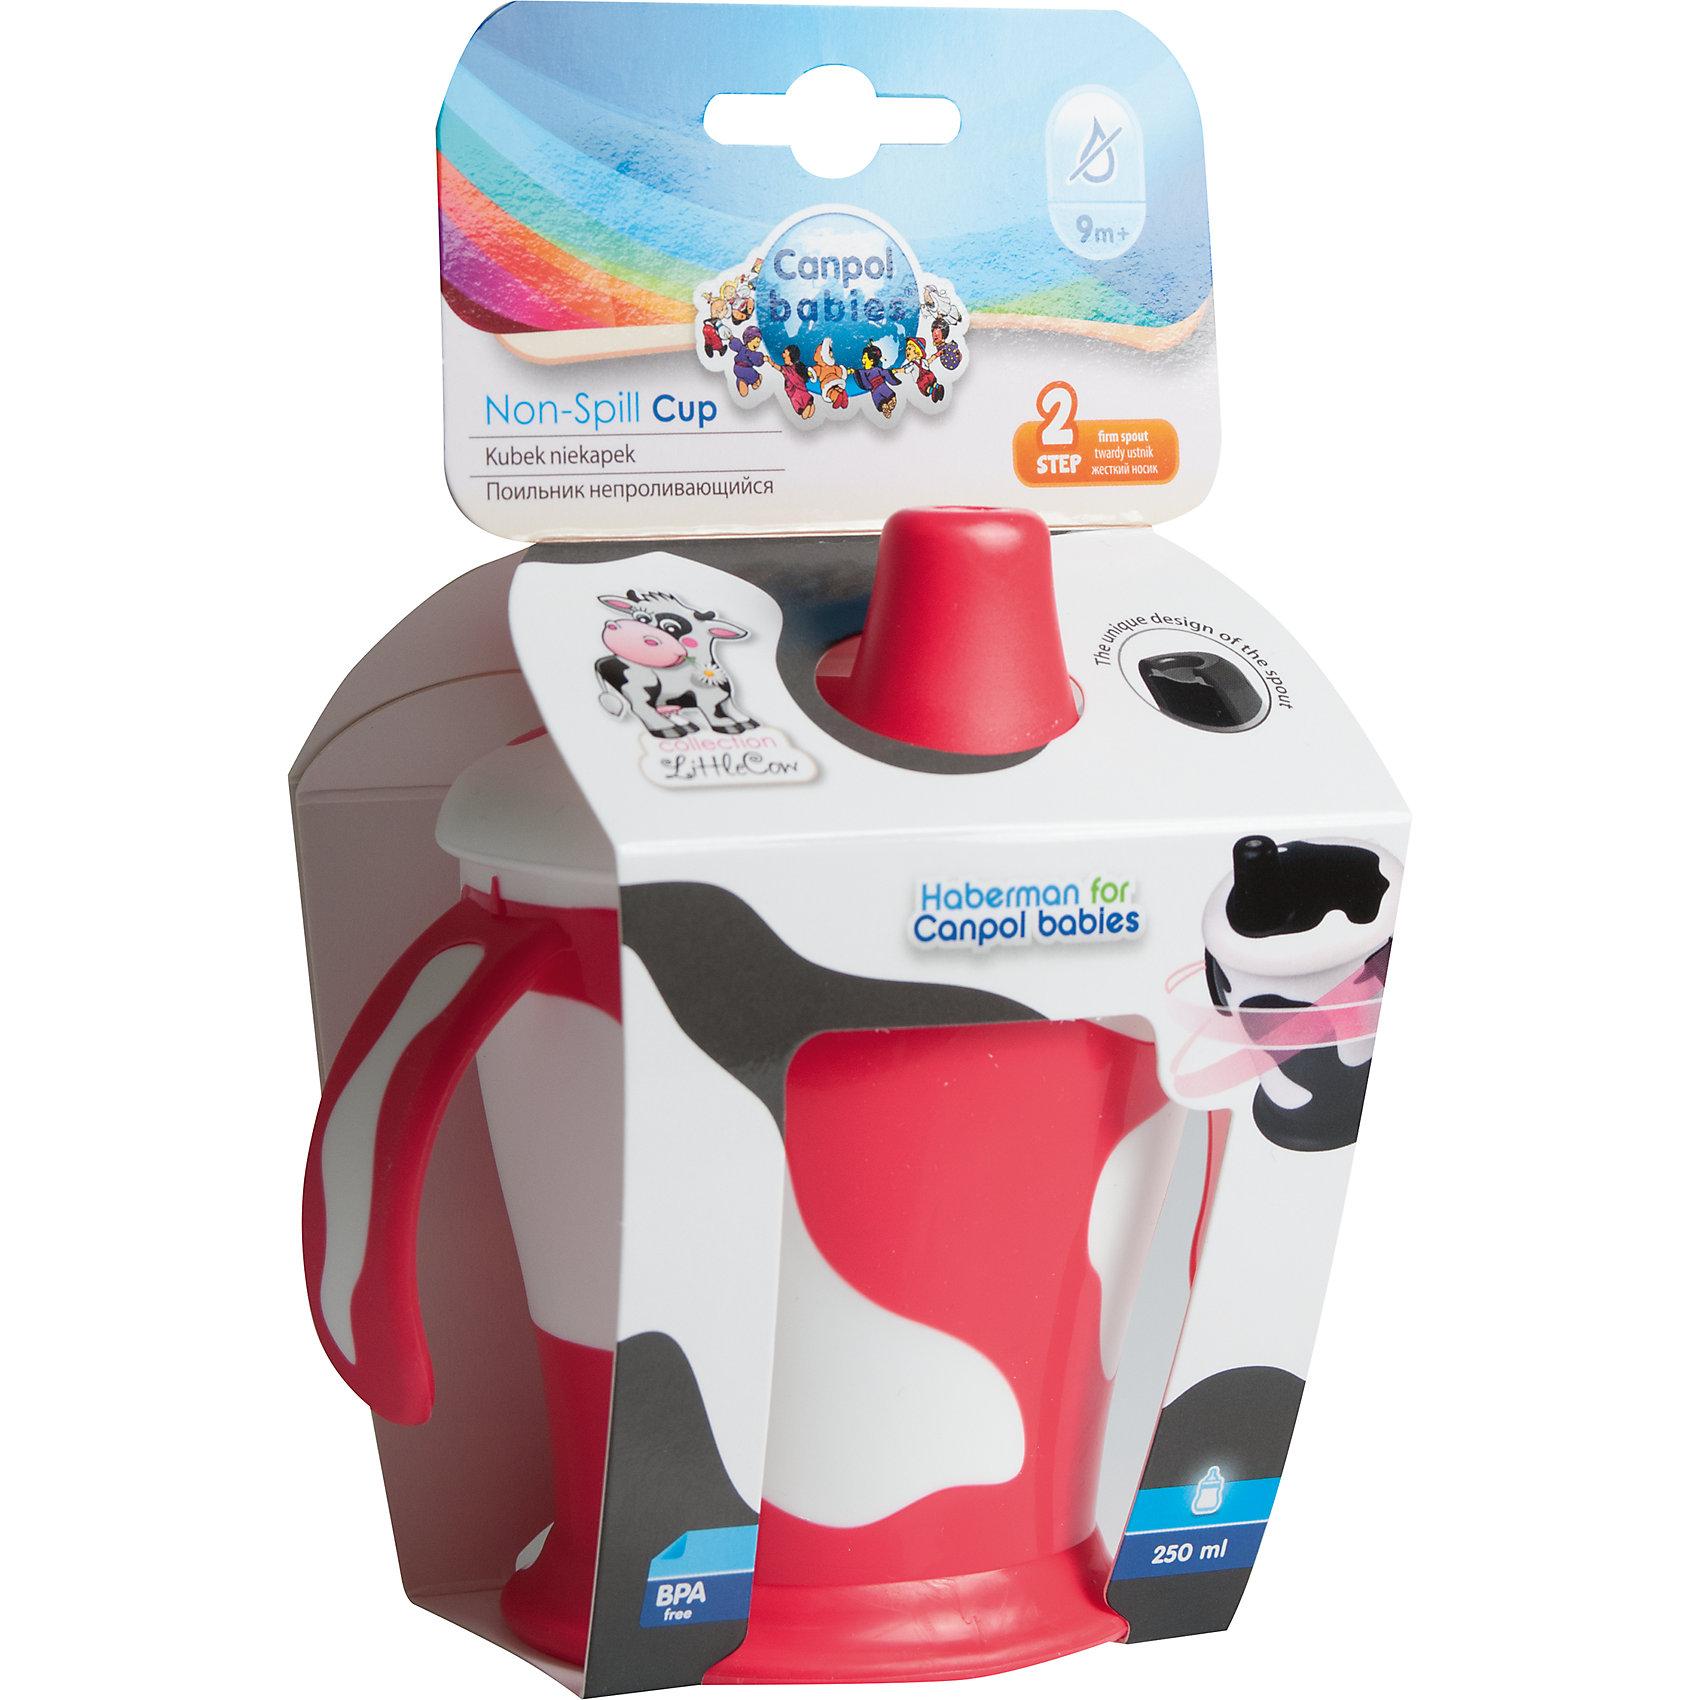 Чашка-непроливайка с ручками, 250 мл. Little cow 9+, Canpol Babies, красныйПоильники<br>Чашка-непроливайка с ручками, 250 мл. Little cow 9+, Canpol Babies (Канпол беби), красный.<br><br>Характеристики:<br>• прочные нетоксичные материалы<br>• не содержит бисфенол-А<br>• антискользящее дно<br>• удобные ручки<br>• непроливающийся носик<br>• подходит для посудомоечных машин<br>• материал: пластик<br>• объем: 250 мл<br>• цвет: красный<br>• размер упаковки: 8х12х13 см<br><br>Поильник Canpol Babies научит вашего малыша пить самостоятельно. Он имеет удобные ручки, за которые ребенок сможет держаться. Поильник подходит для детей любого возраста. Сначала вы сможете научить кроху пить через носик-непроливайку, а затем можно снять крышку и использовать поильник как полноценную чашку. Яркий дизайн, напоминающий раскрас коровы, несомненно, понравится малышу!<br><br>Чашку-непроливайку с ручками, 250 мл. Little cow 9+, Canpol Babies (Канпол беби), красный вы можете купить в нашем интернет-магазине.<br><br>Ширина мм: 120<br>Глубина мм: 80<br>Высота мм: 130<br>Вес г: 840<br>Возраст от месяцев: 9<br>Возраст до месяцев: 36<br>Пол: Унисекс<br>Возраст: Детский<br>SKU: 5156722